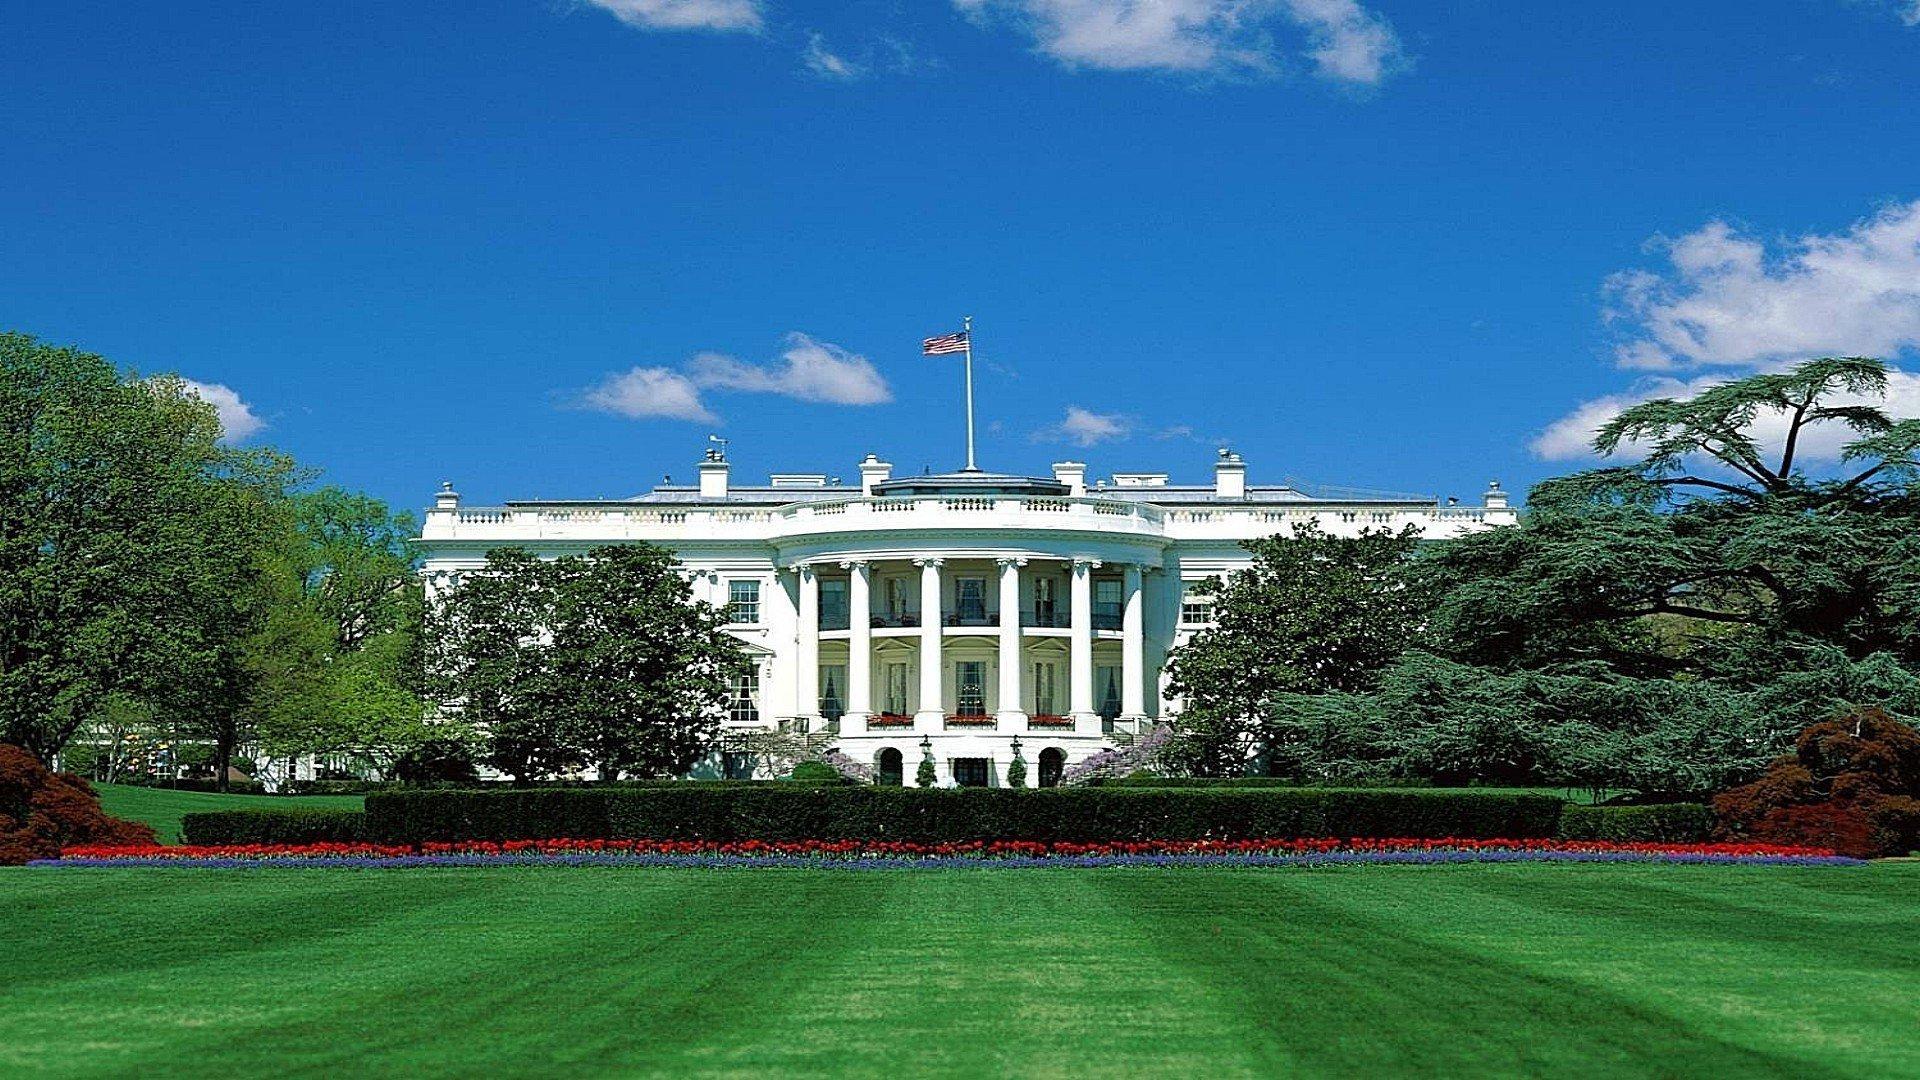 ВБелом доме строго прошлись поповедению американского президента: «Ненормальный Трамп»